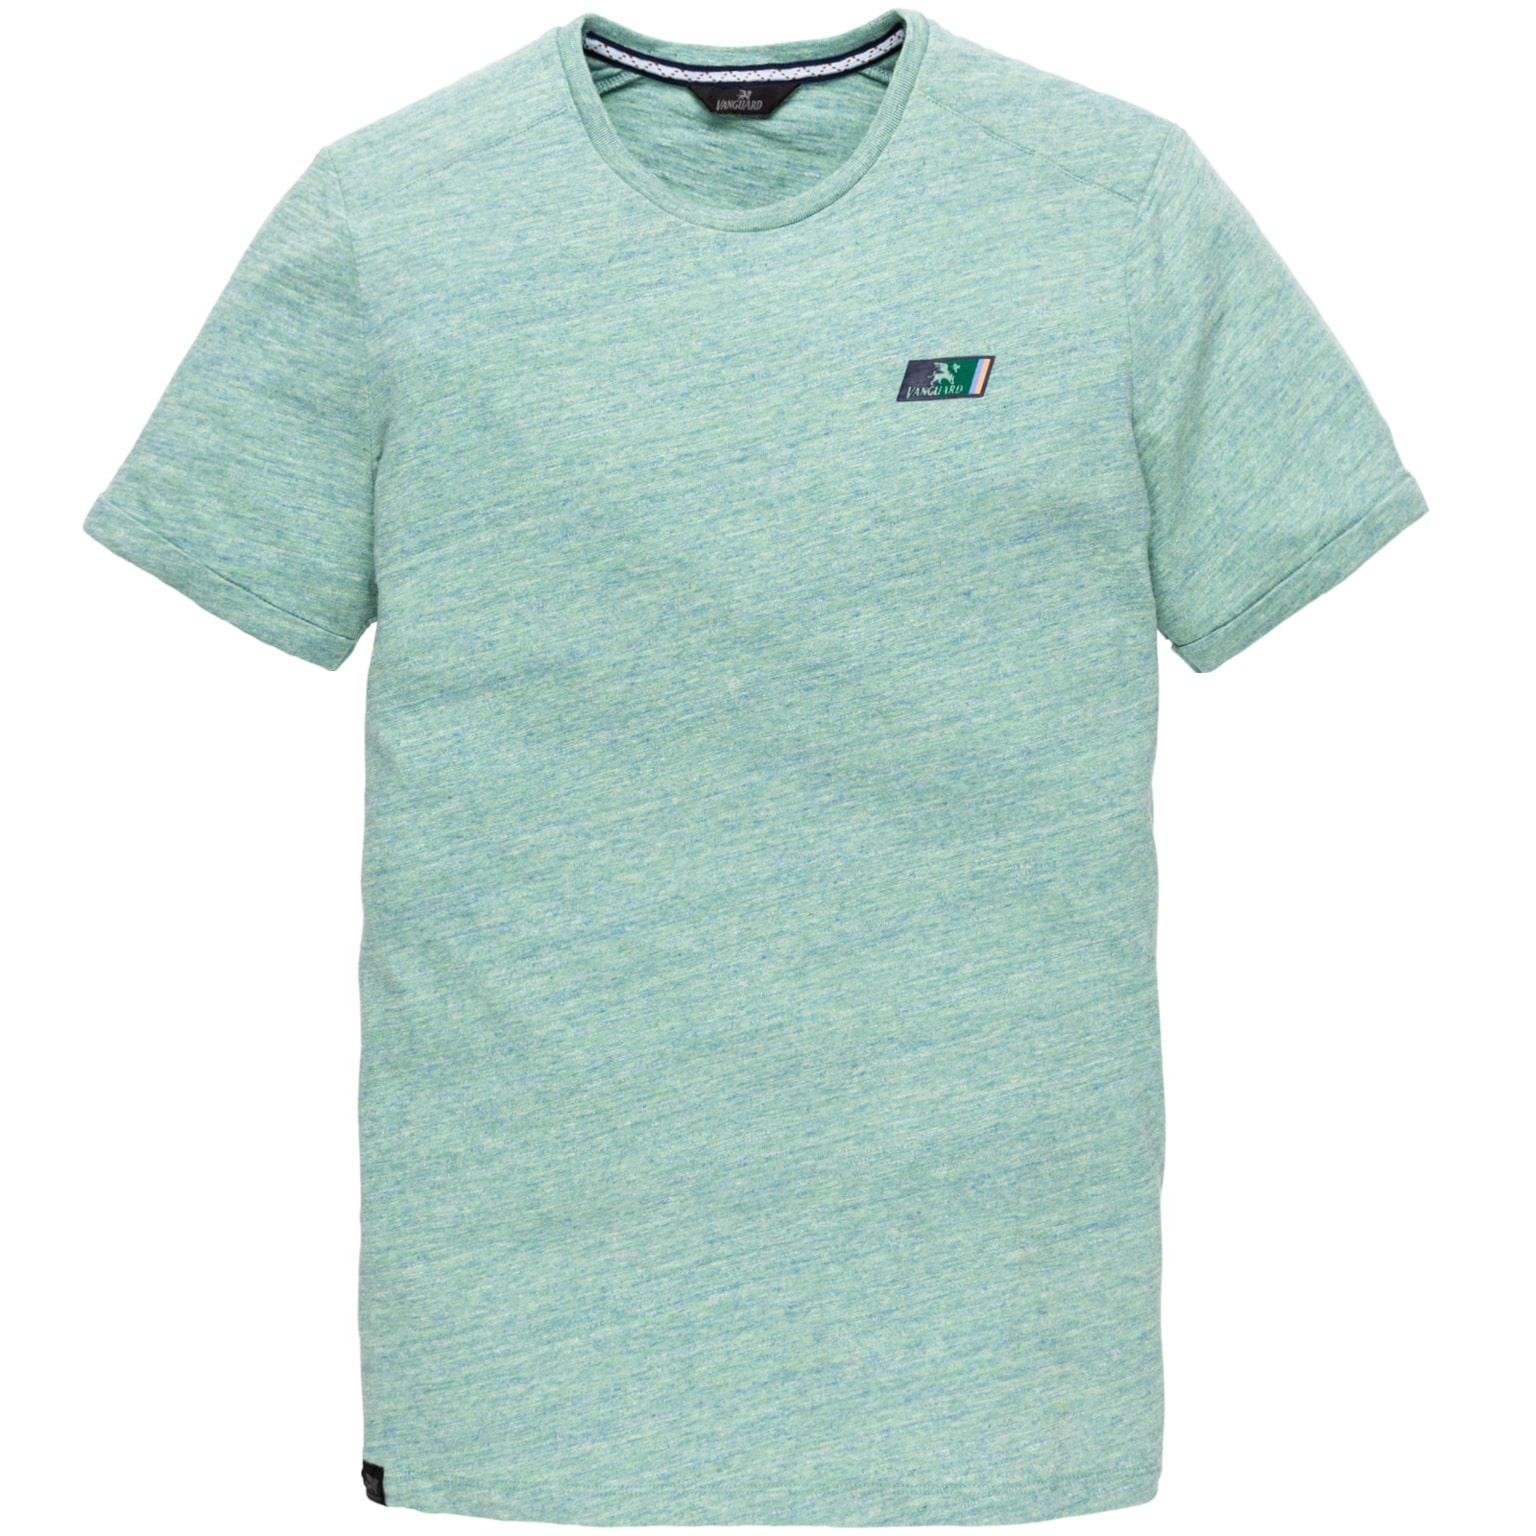 Groen heren t-shirt Vanguard - VTSS202530 6119